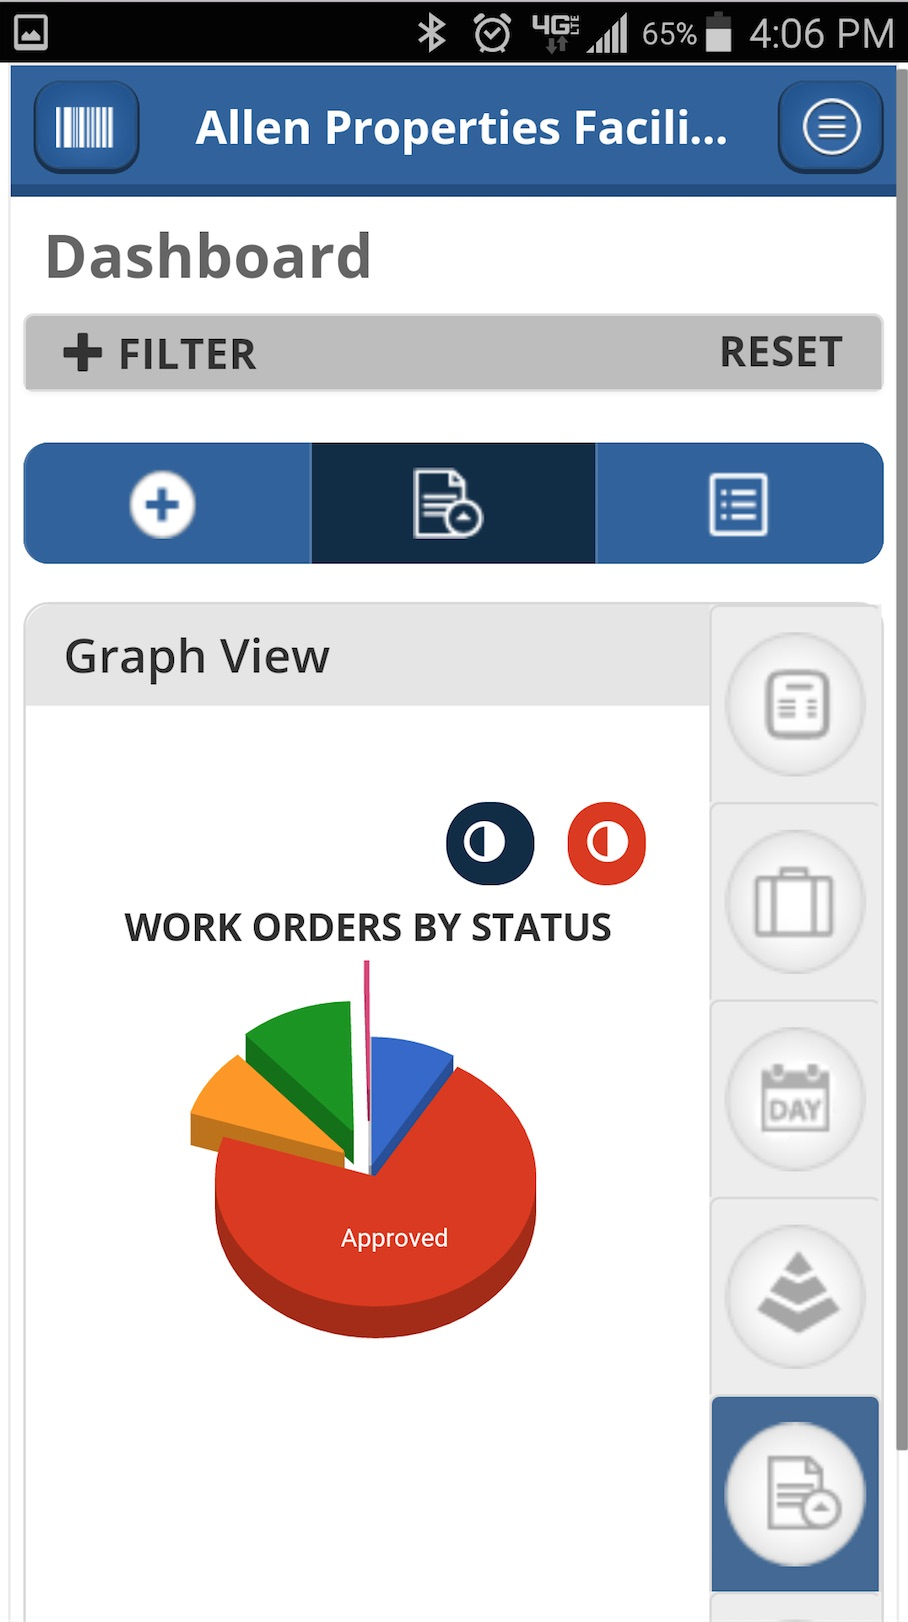 NetFacilities smartphone work order